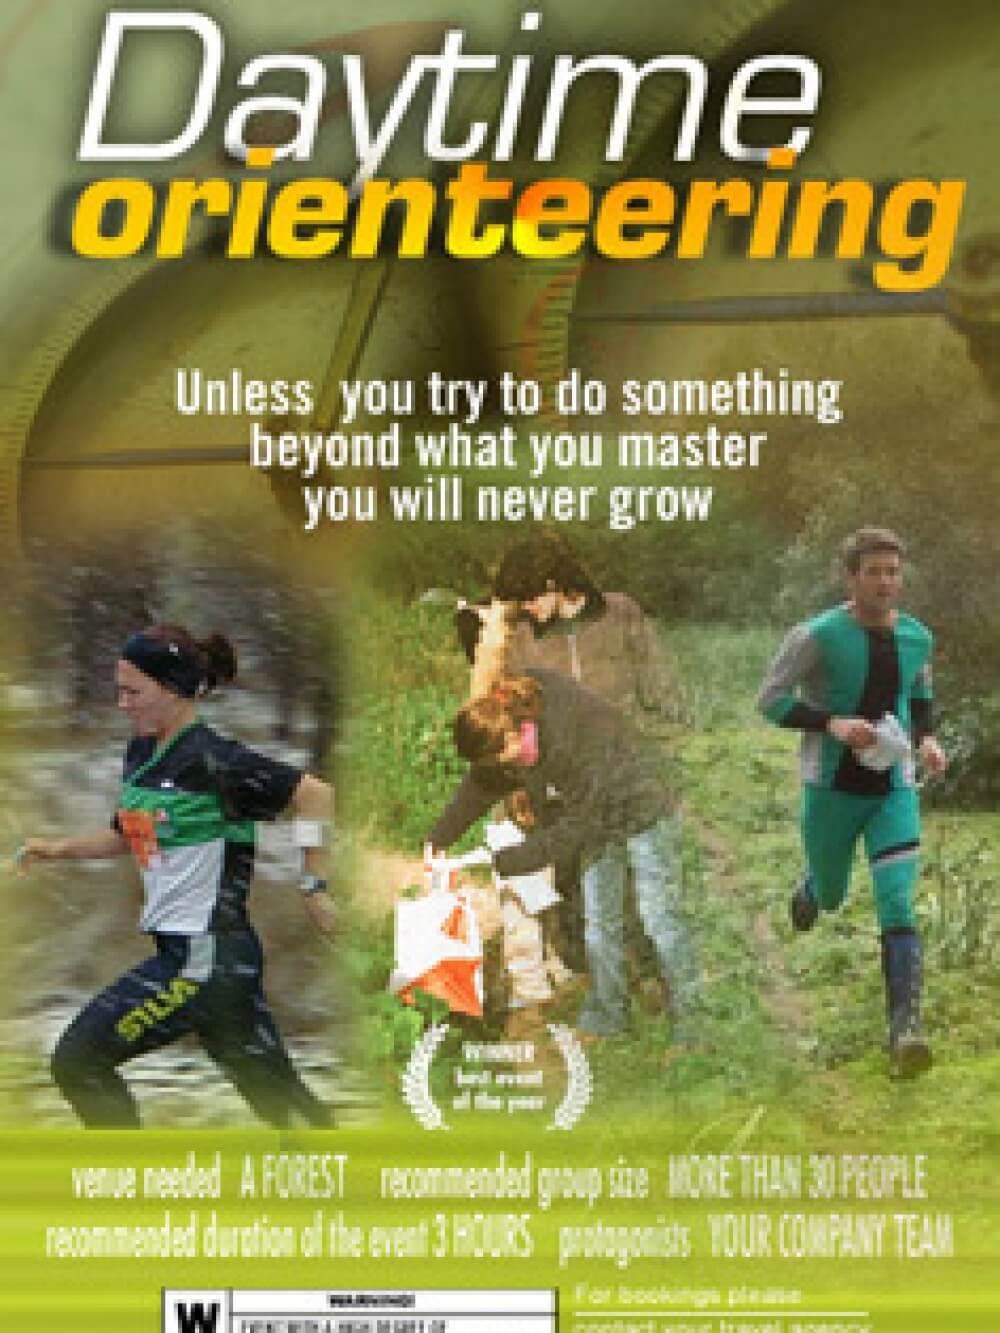 daytime_orienteering_vertical_web